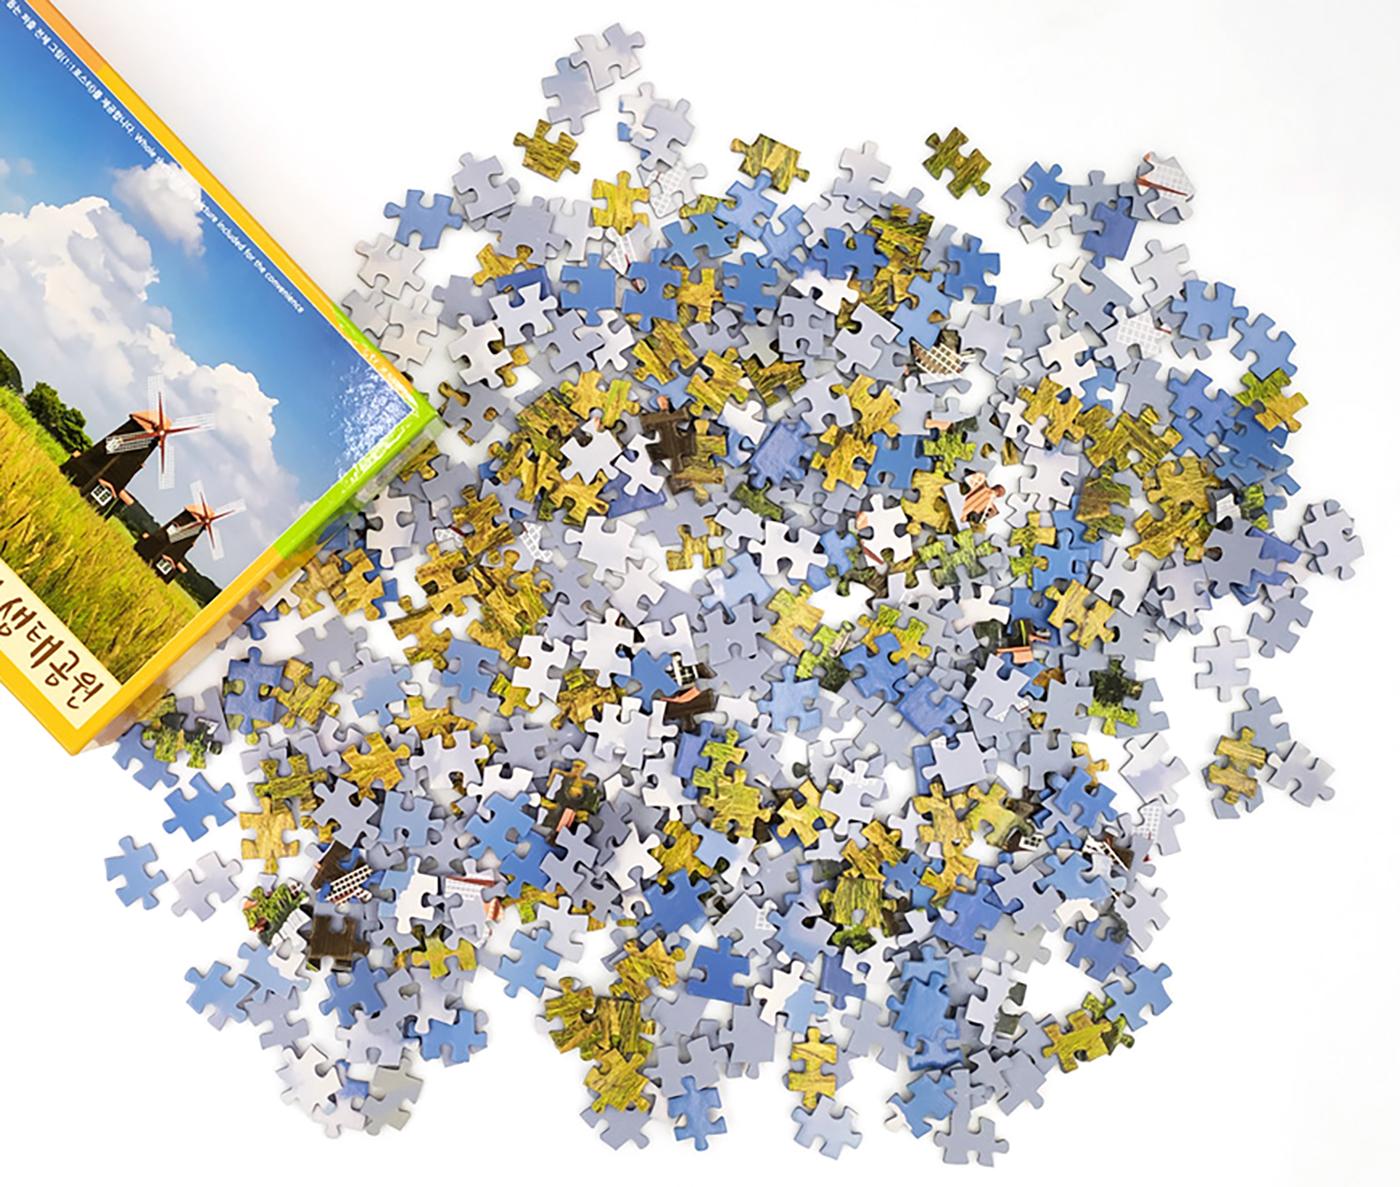 소래습지 생태공원 500피스 퍼 /소래습지 생태공원 500피스 퍼즐 (6세이상) 상세이미지4